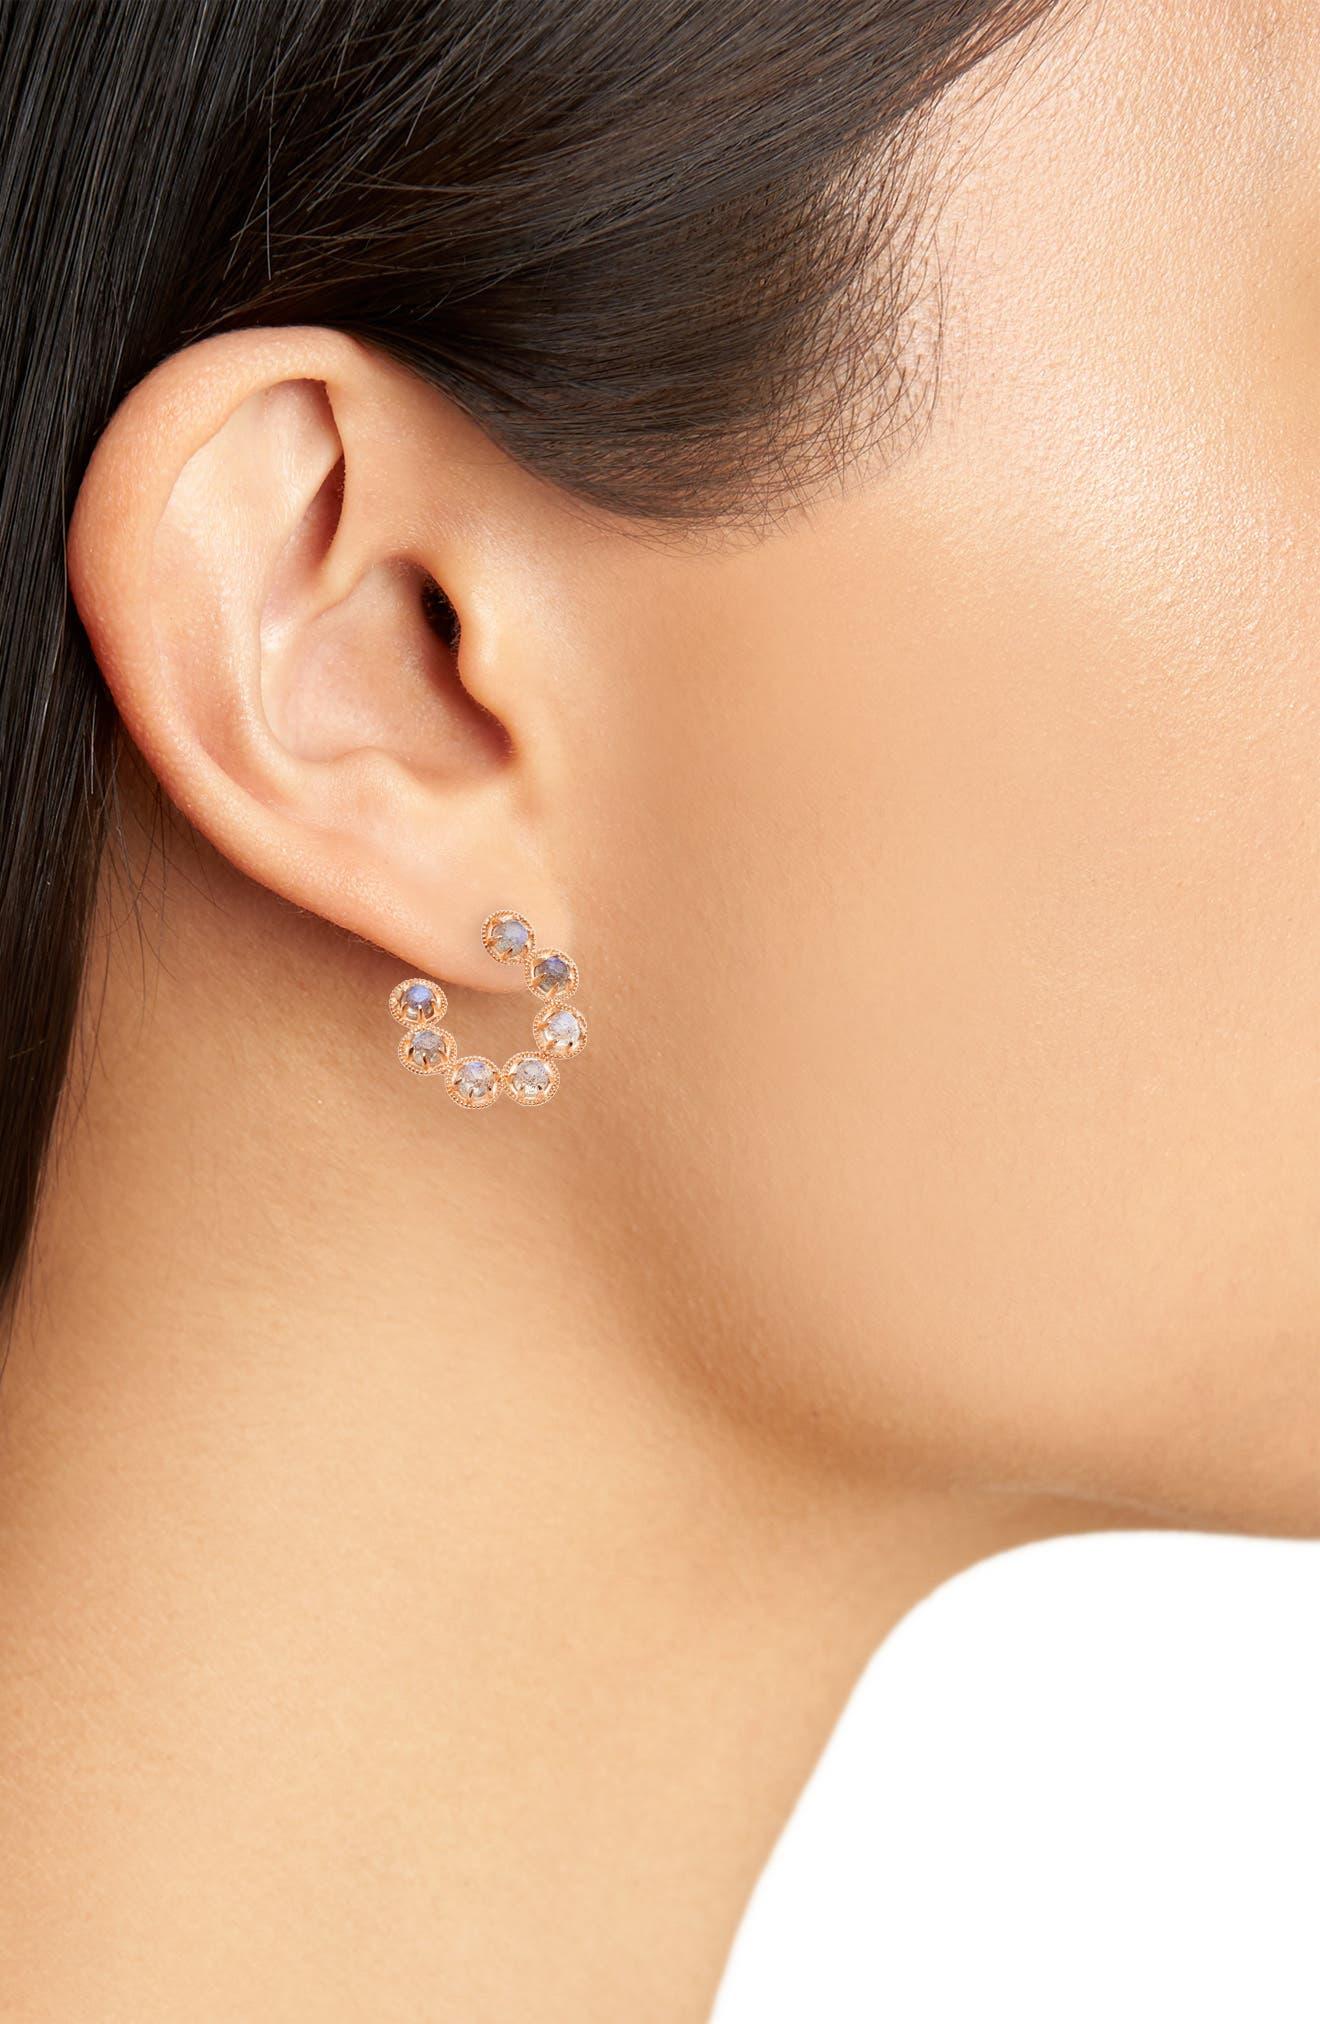 Cleo Vermeil Hoop Earrings,                             Alternate thumbnail 2, color,                             Moonstone/ Rose Gold